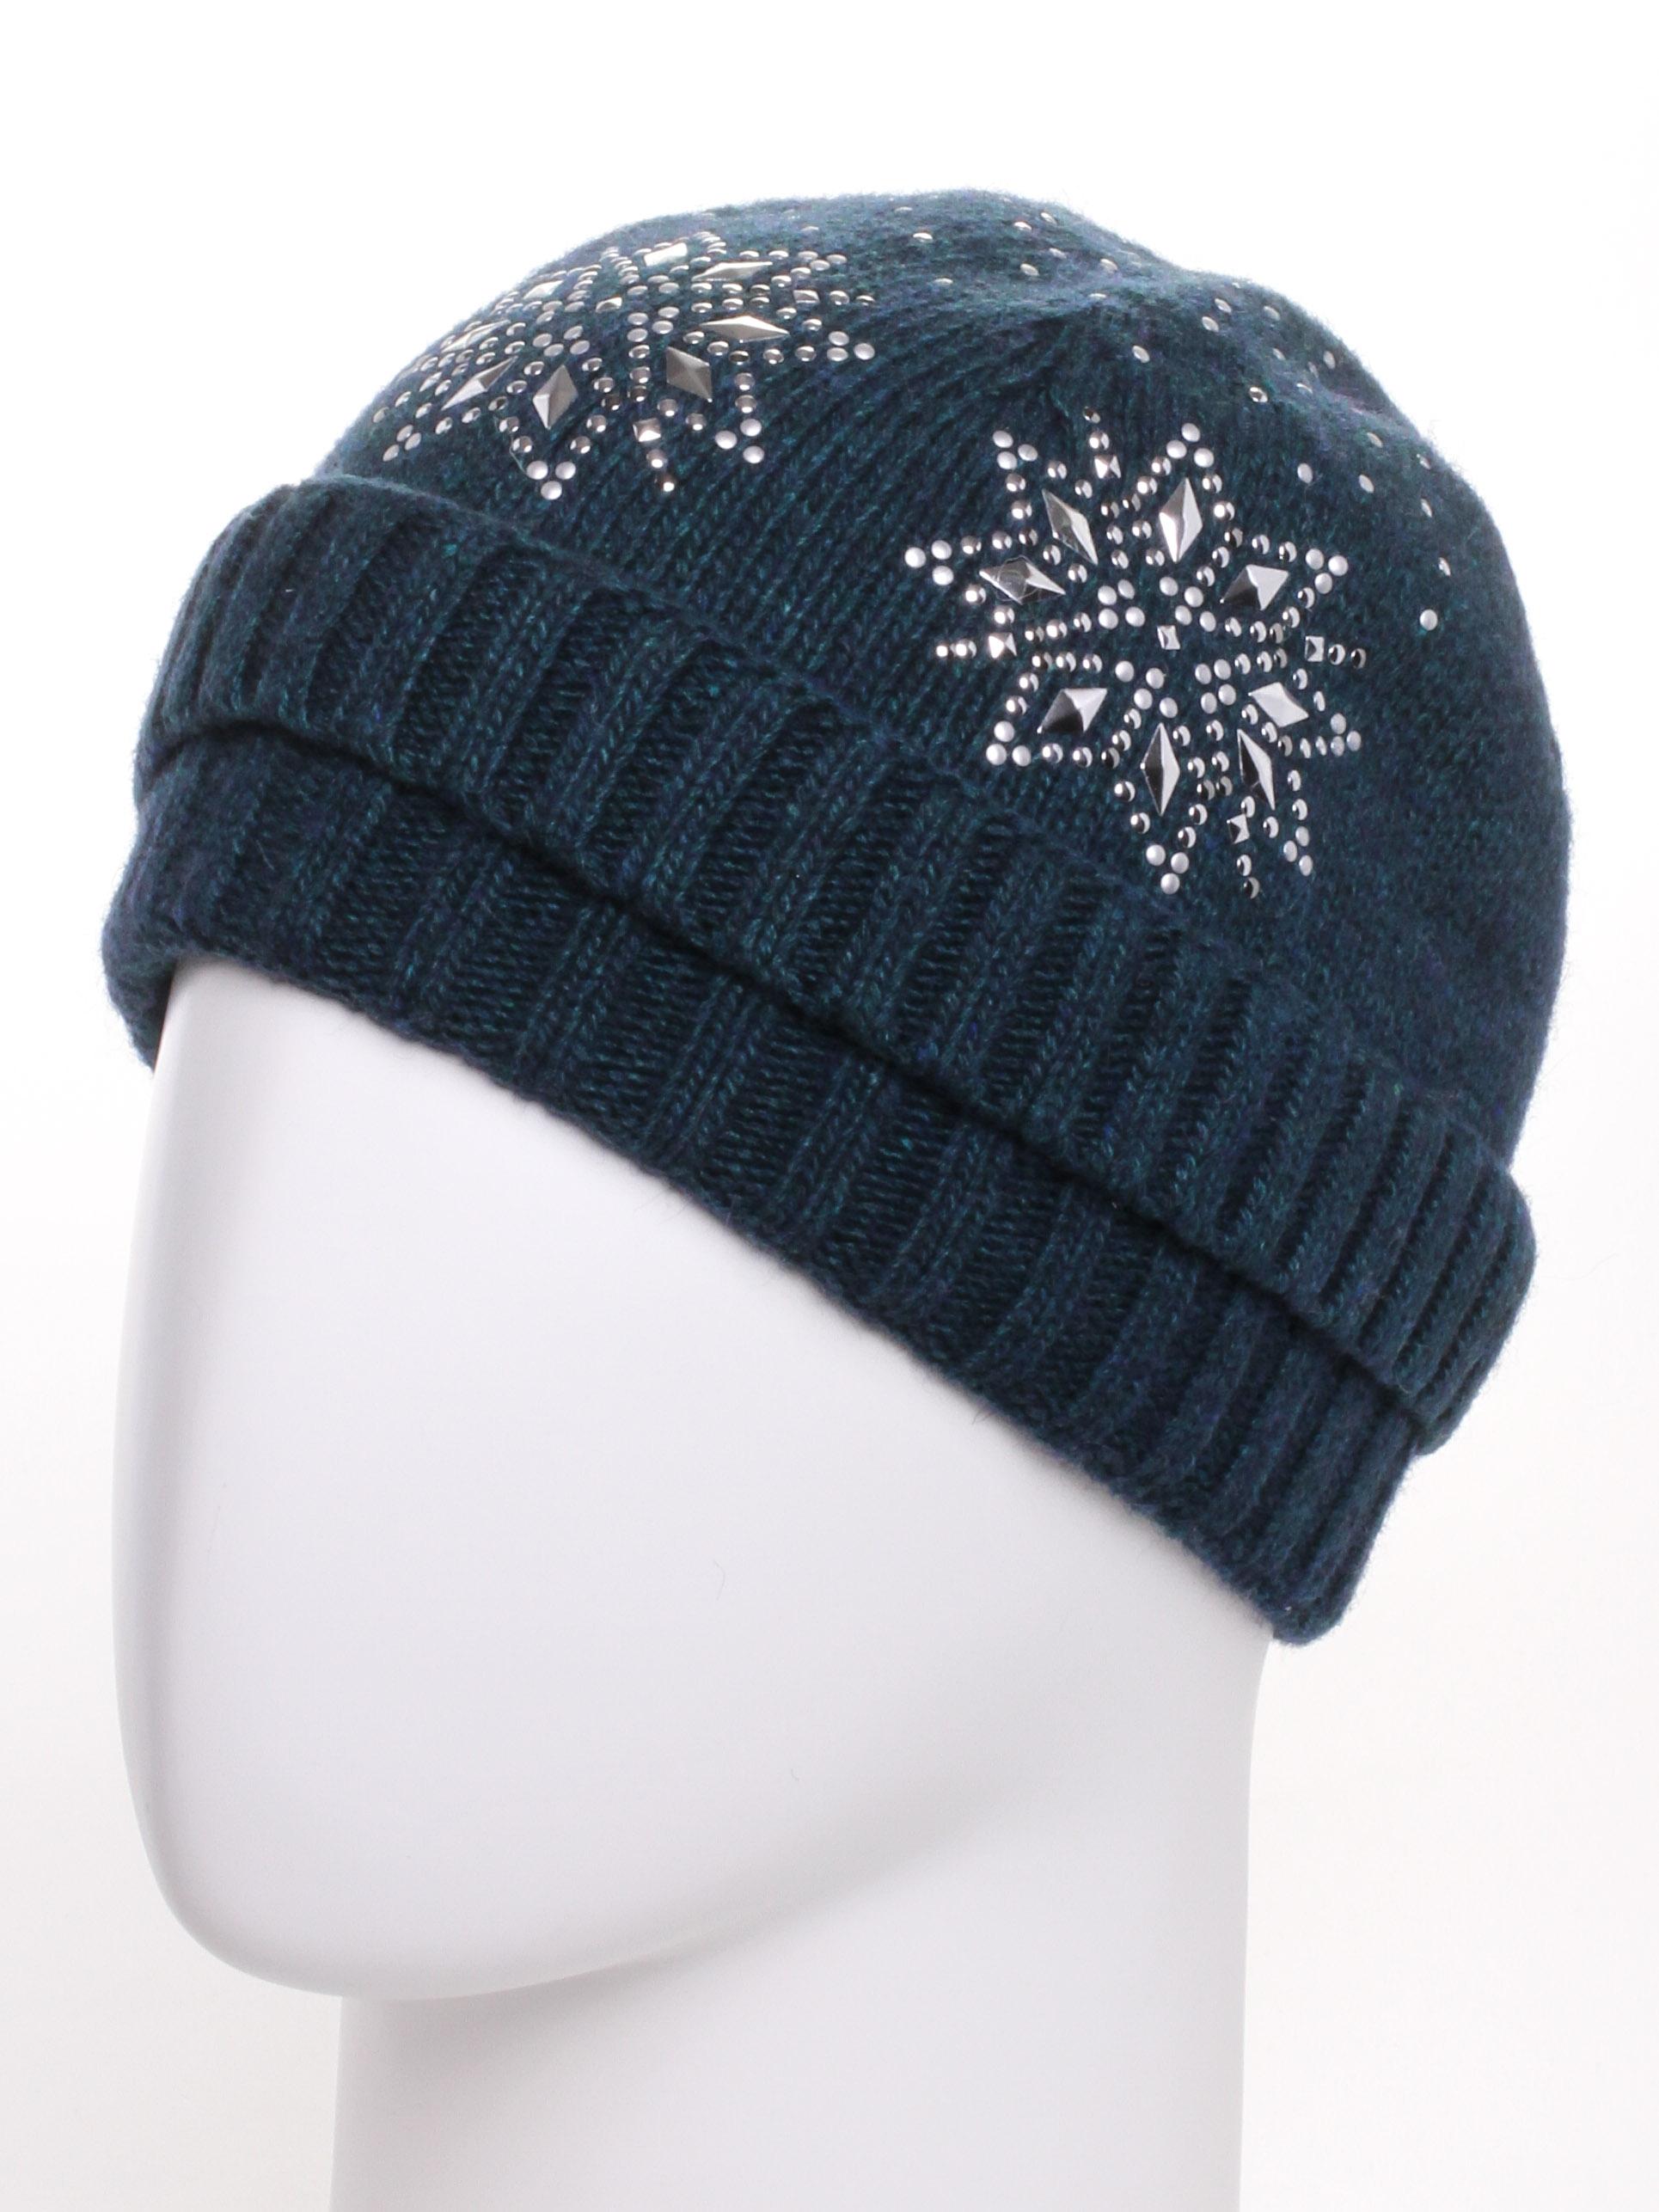 ШапкаШапки<br>Стильная шапка защитит Вас от непогоды и станет прекрасным дополнением Вашего образа.  В изделии использованы цвета: темно-зеленый<br><br>По материалу: Вязаные<br>По рисунку: Однотонные<br>По элементам: С декором<br>По сезону: Зима<br>Размер : universal<br>Материал: Вязаное полотно<br>Количество в наличии: 1